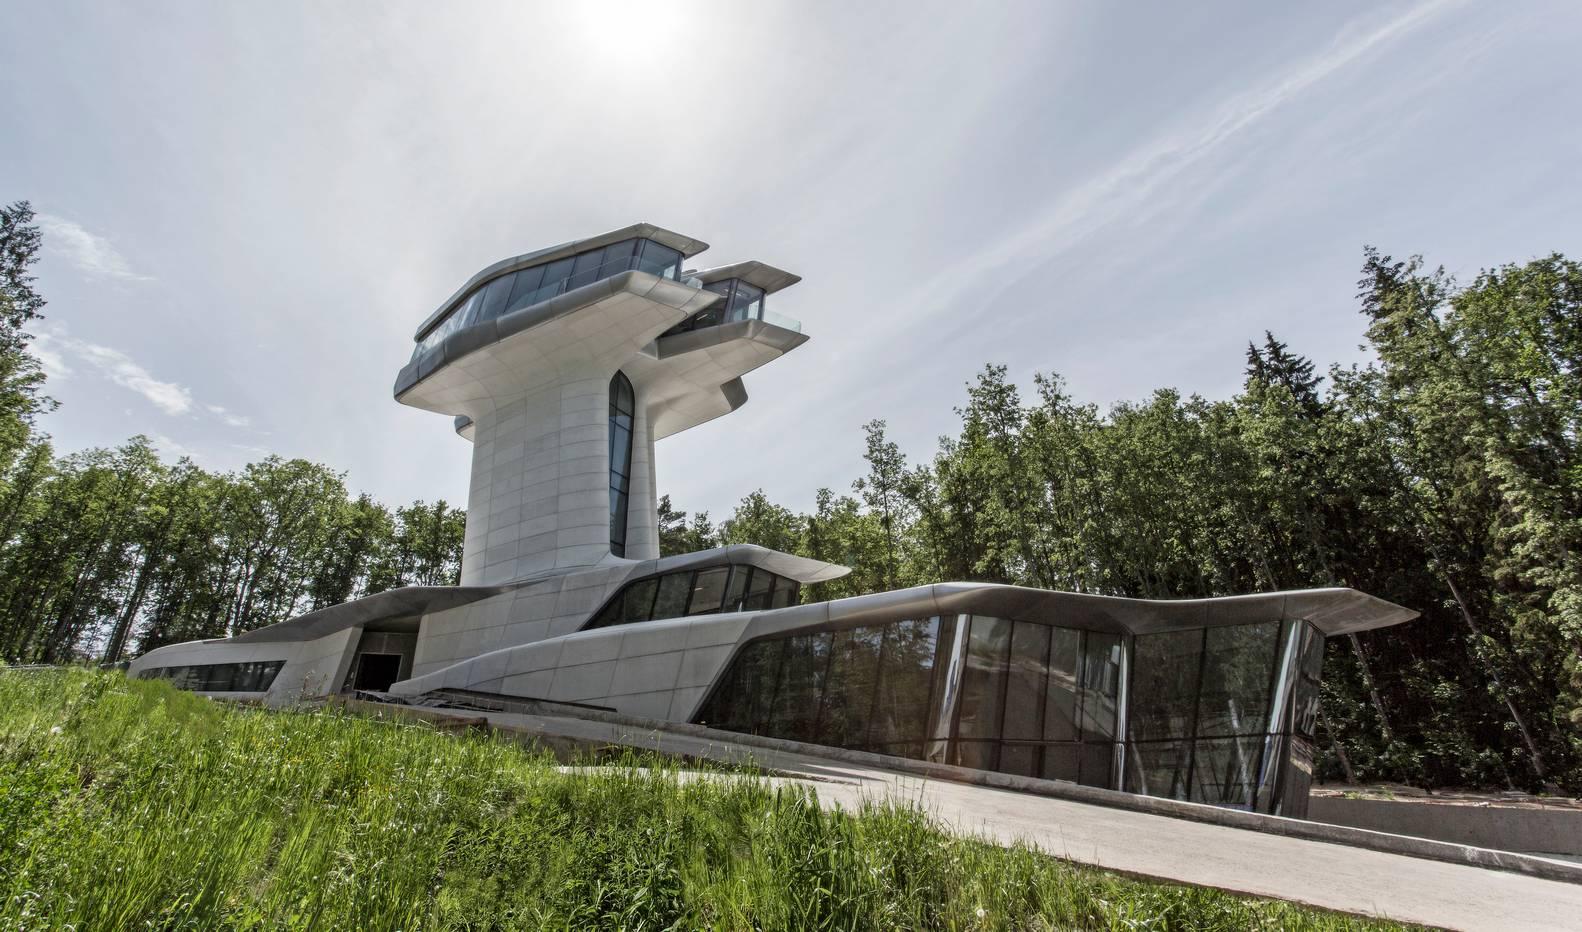 A Capital Hill Residente se eleva 22 metros e aproveita a vista sensacional da floresta. (crédito: divulgação/OKO Group)